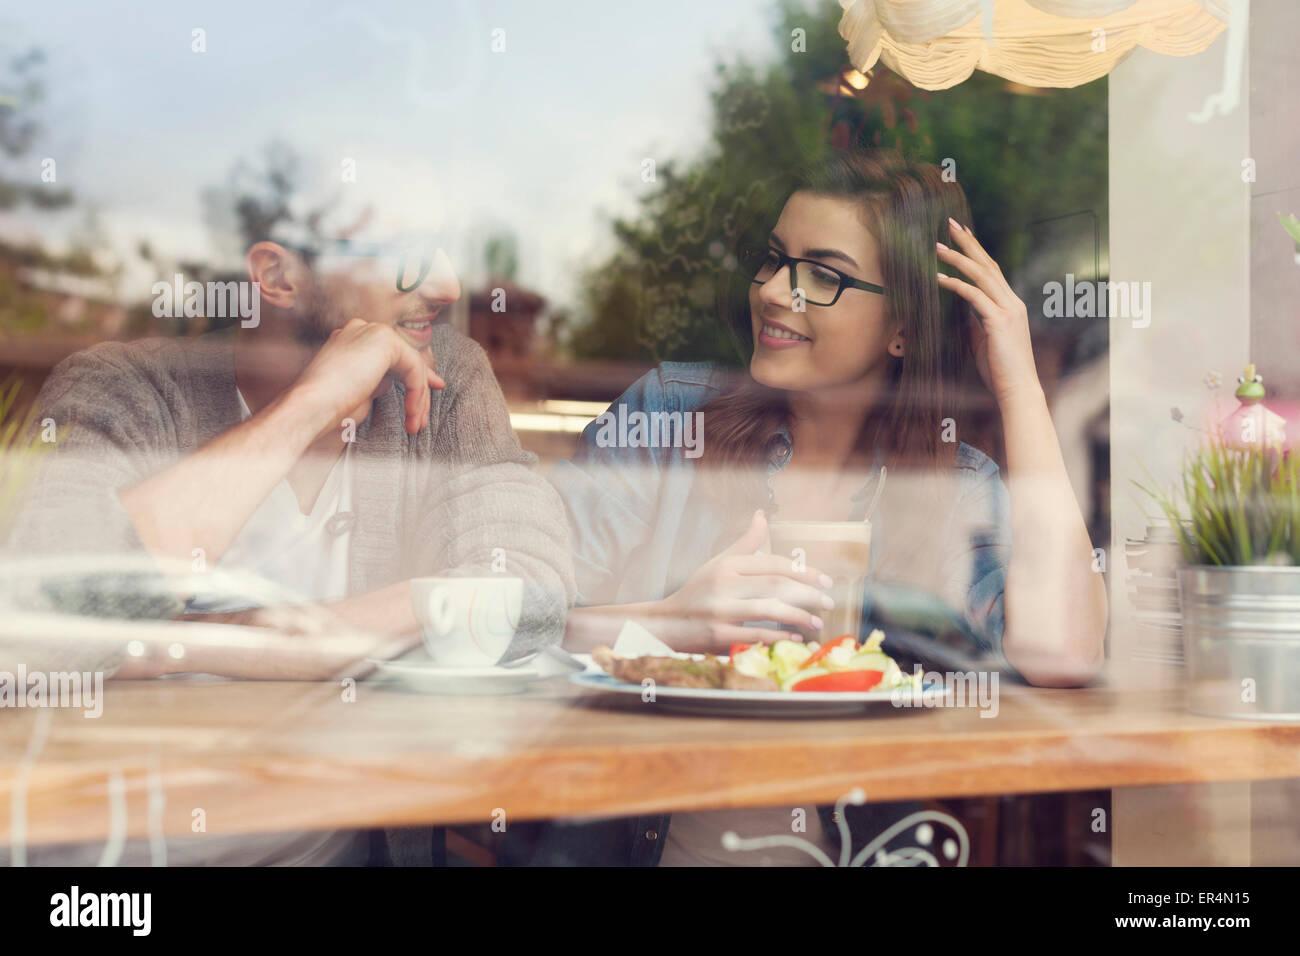 Jeune couple sur une date au restaurant. Cracovie, Pologne Banque D'Images